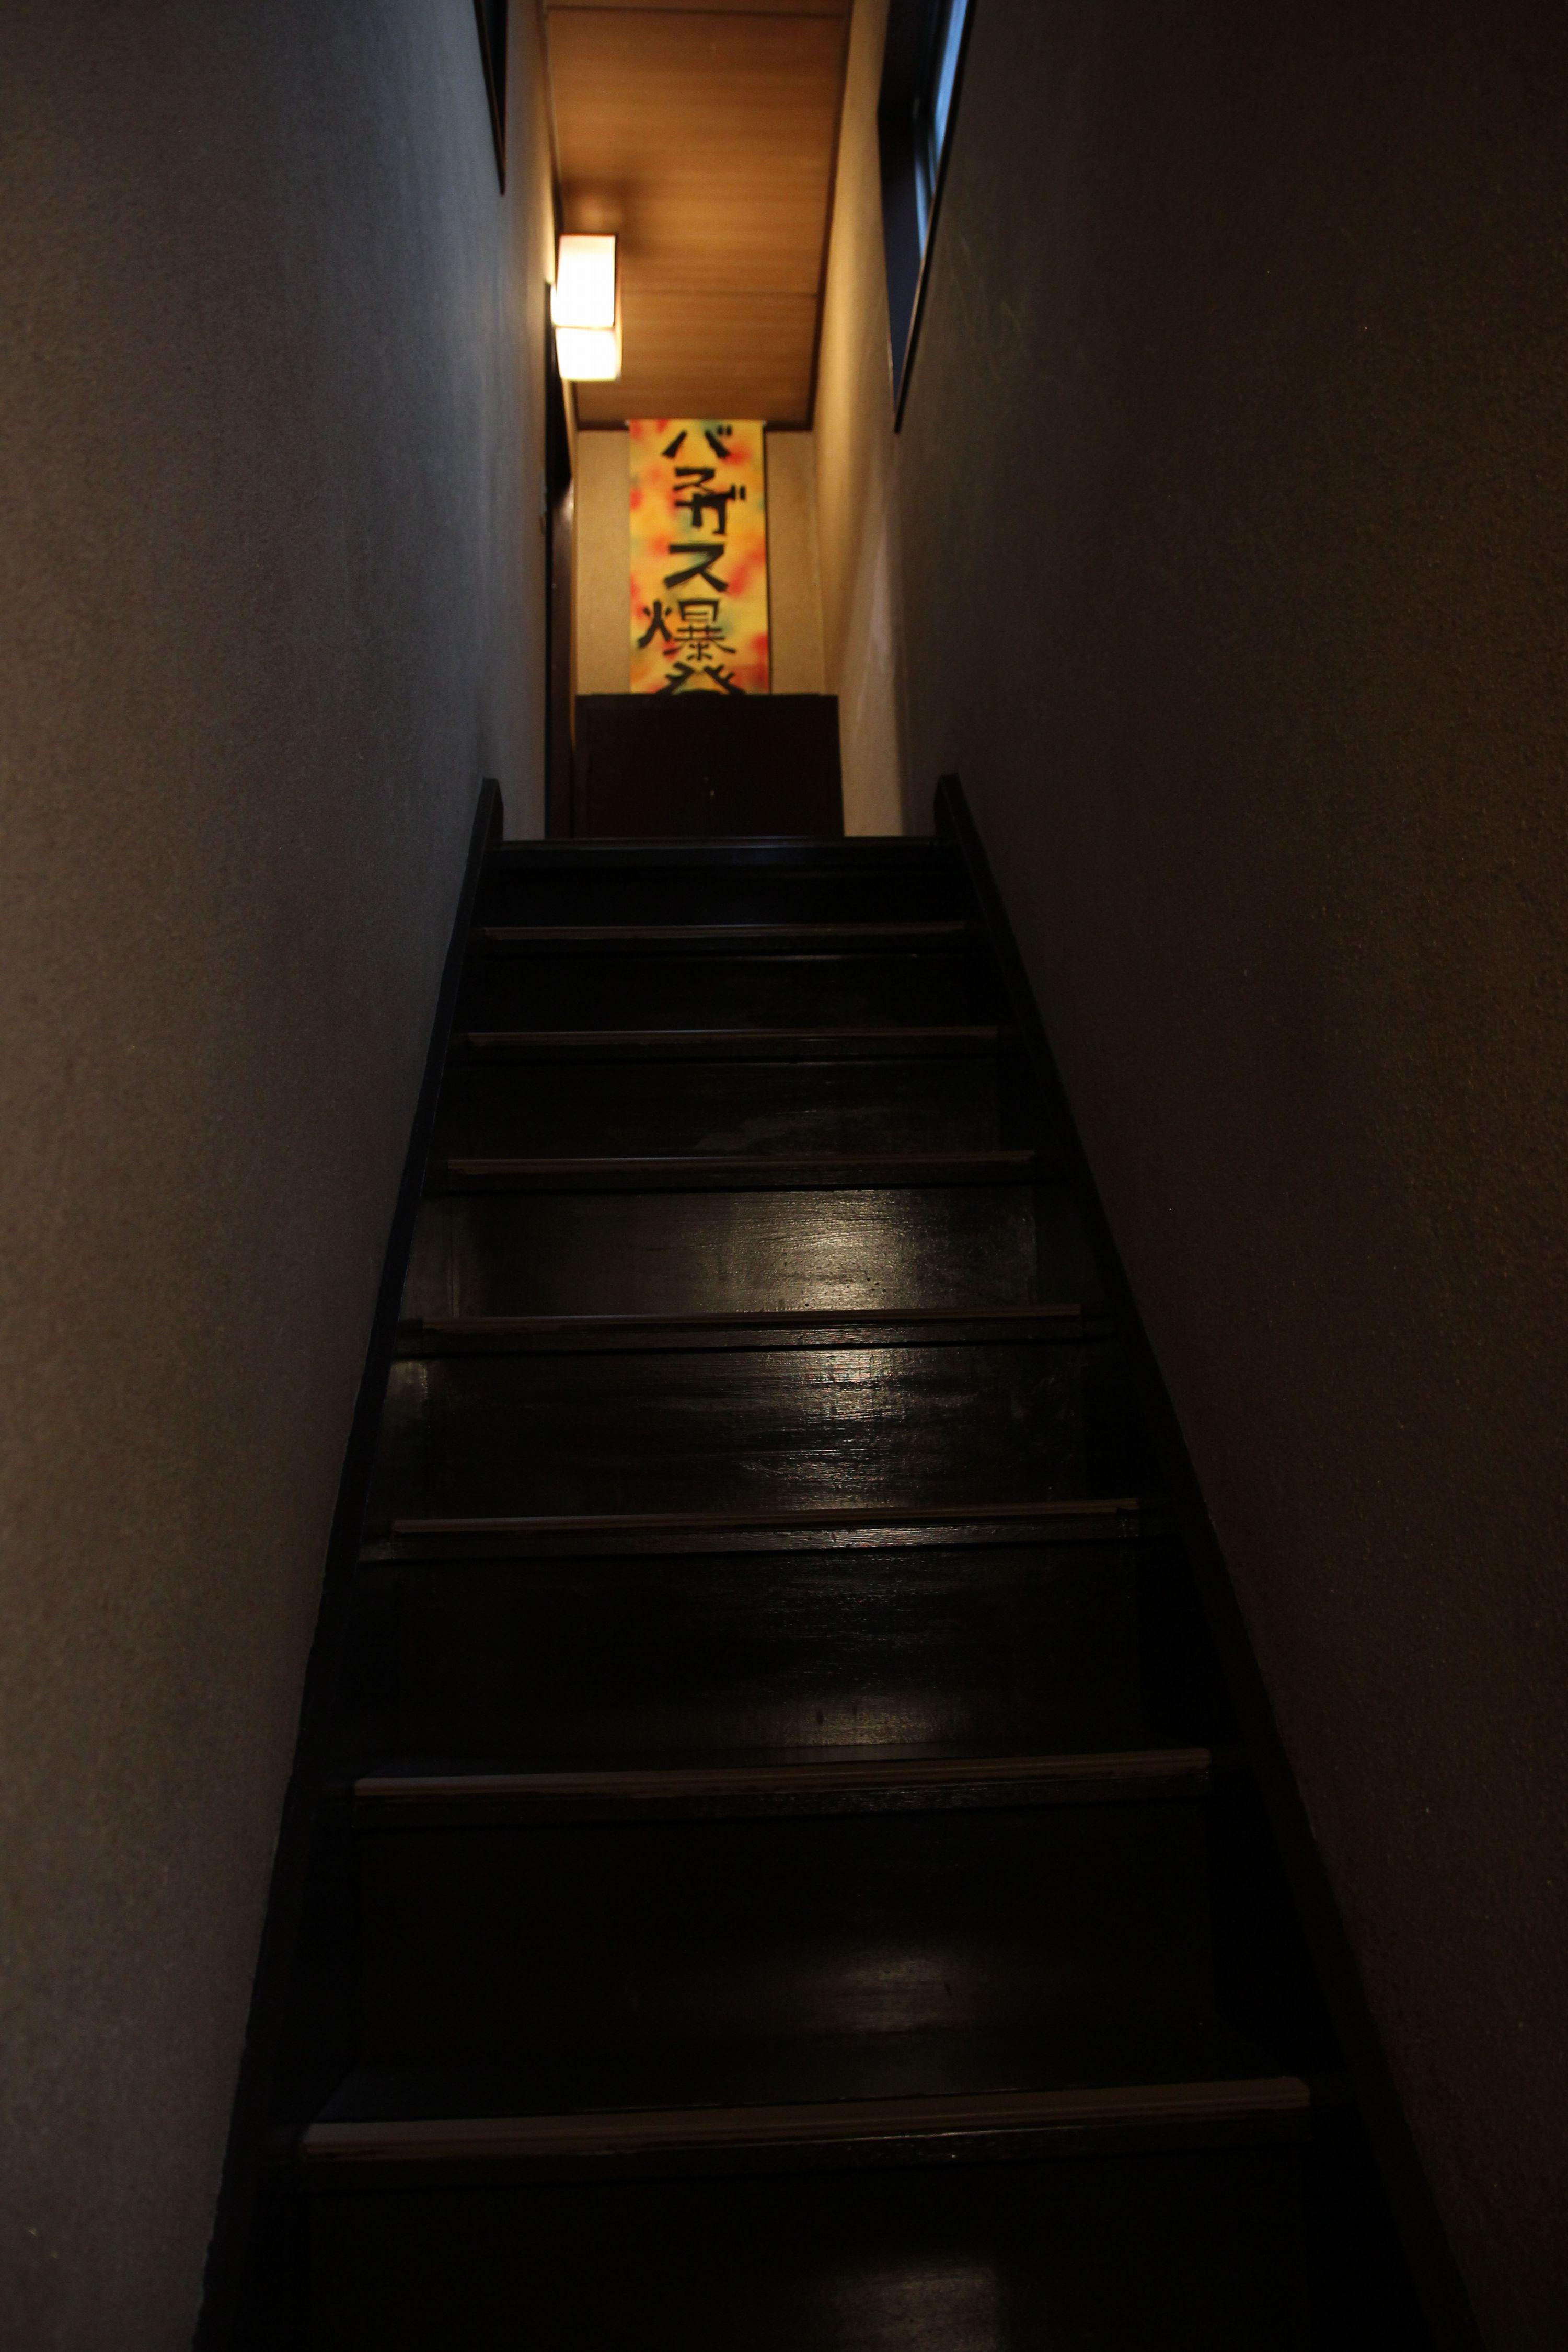 切り絵地獄~田中良平個展~@高円寺ギャラリーめばちこ  / まんま みじんこ洞~屋根裏部屋に広がる、紙でできた魔法の国!似顔切り絵で自分の分身を作ってもらおう!